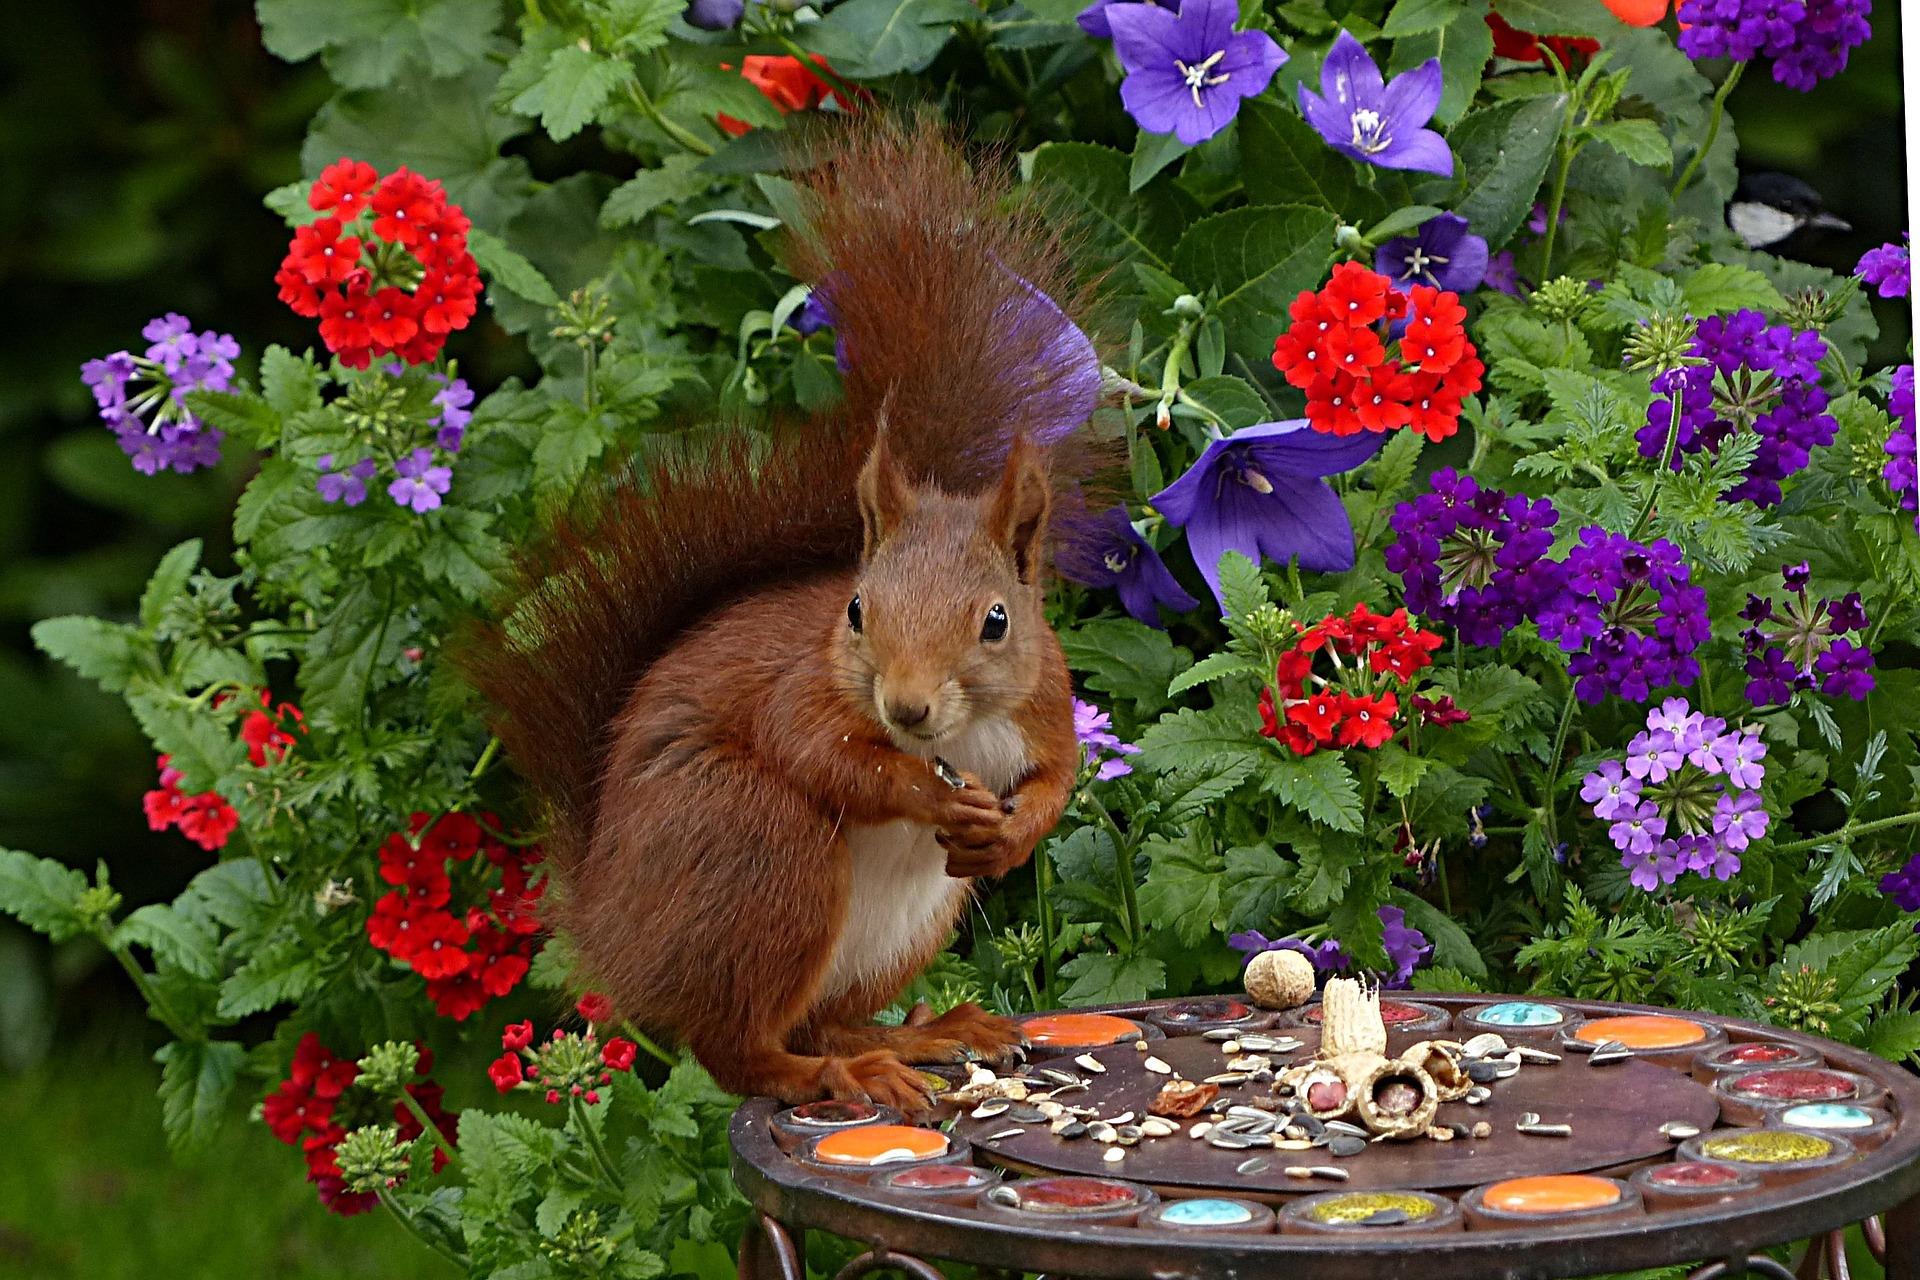 squirrel-1517881_1920